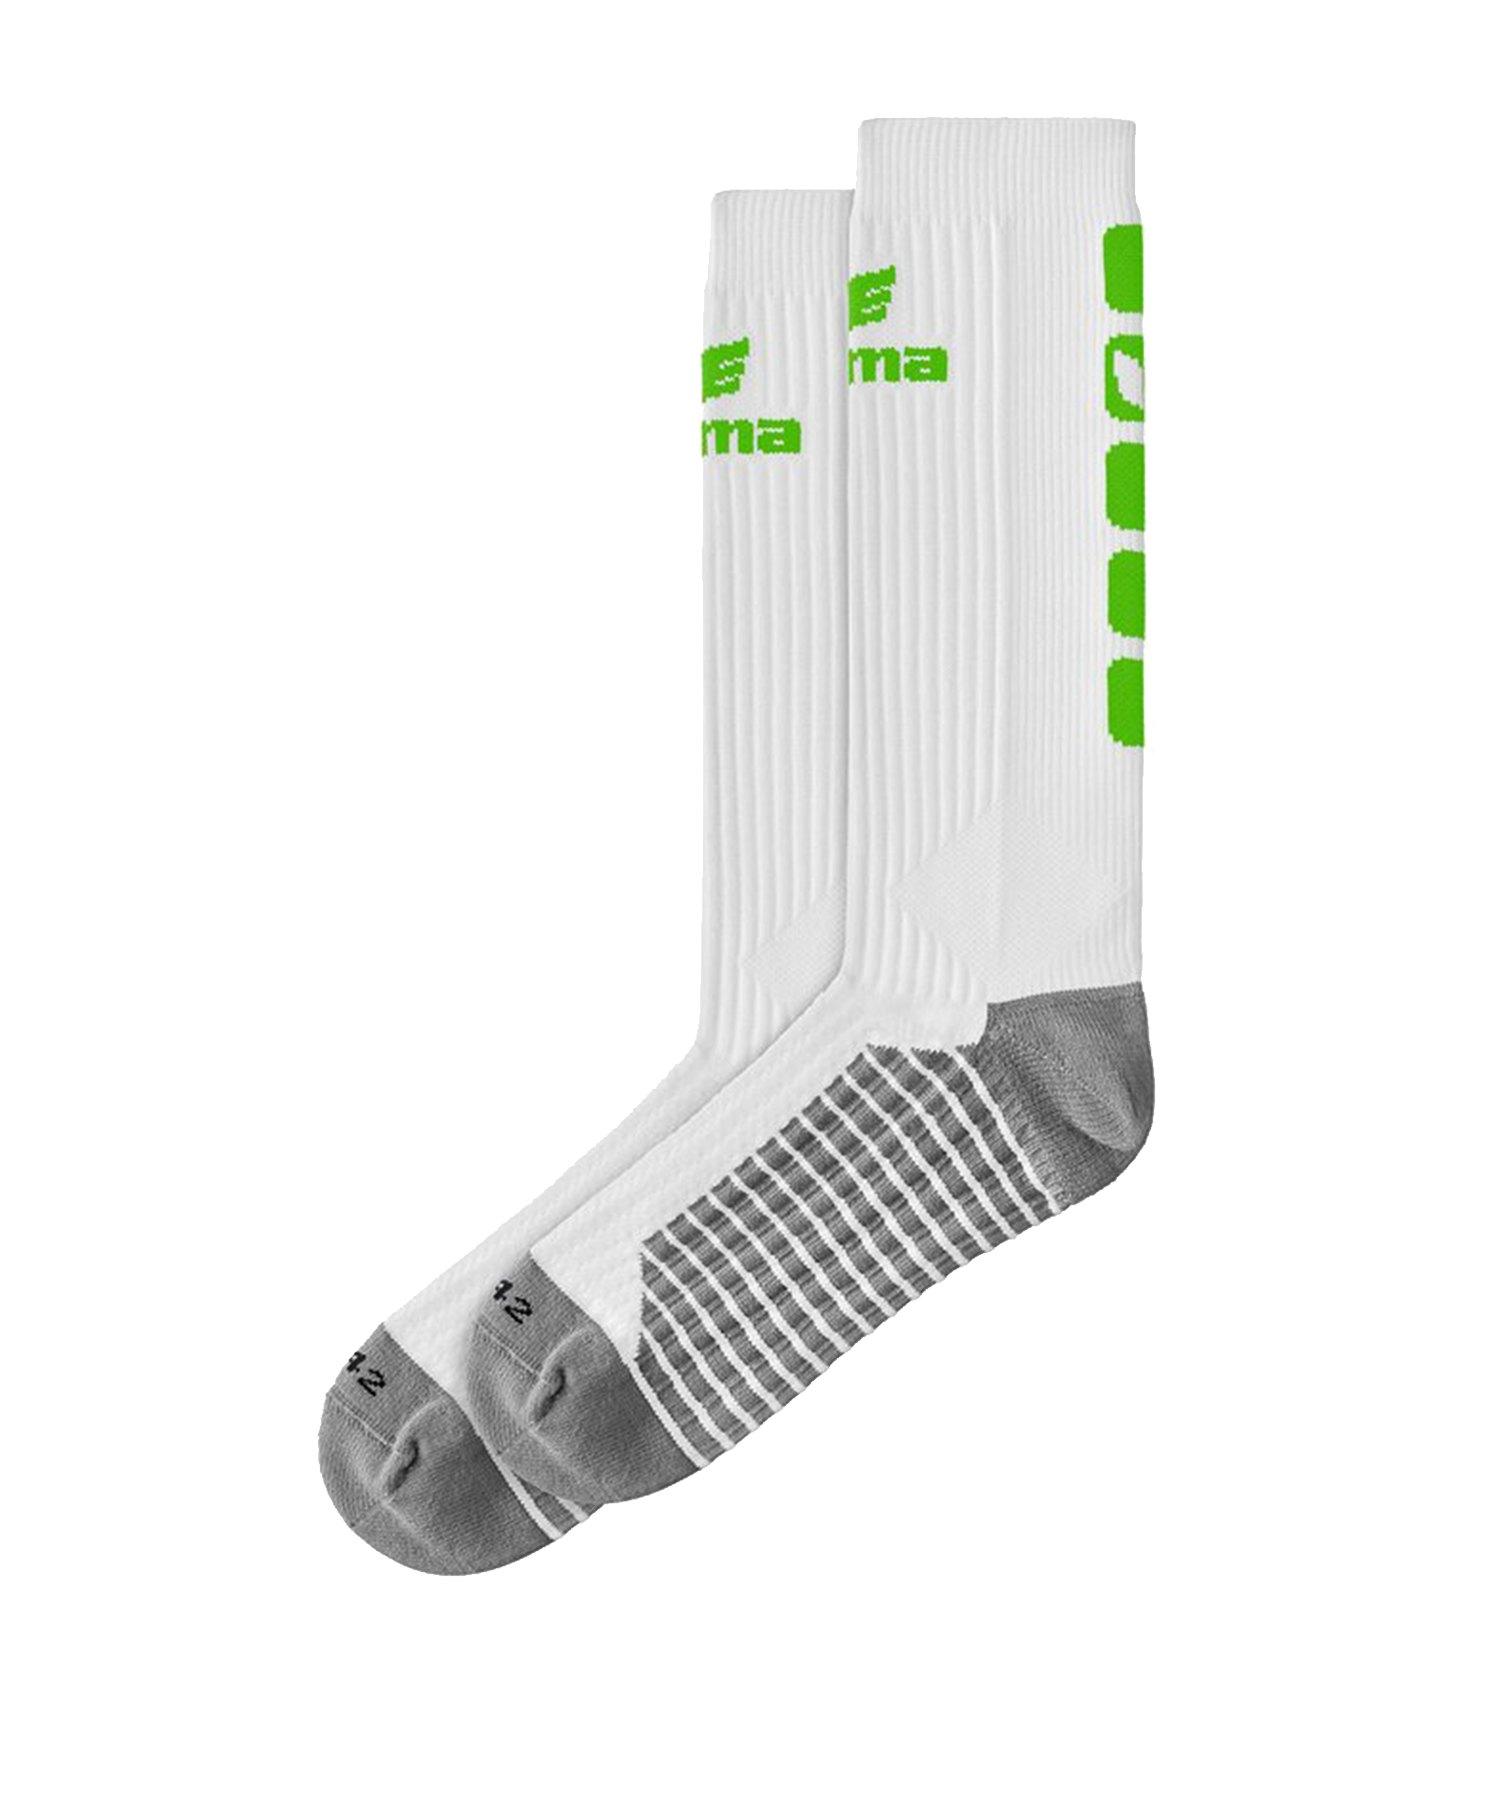 Erima CLASSIC 5-C Socken lang Weiss Grün - Weiss